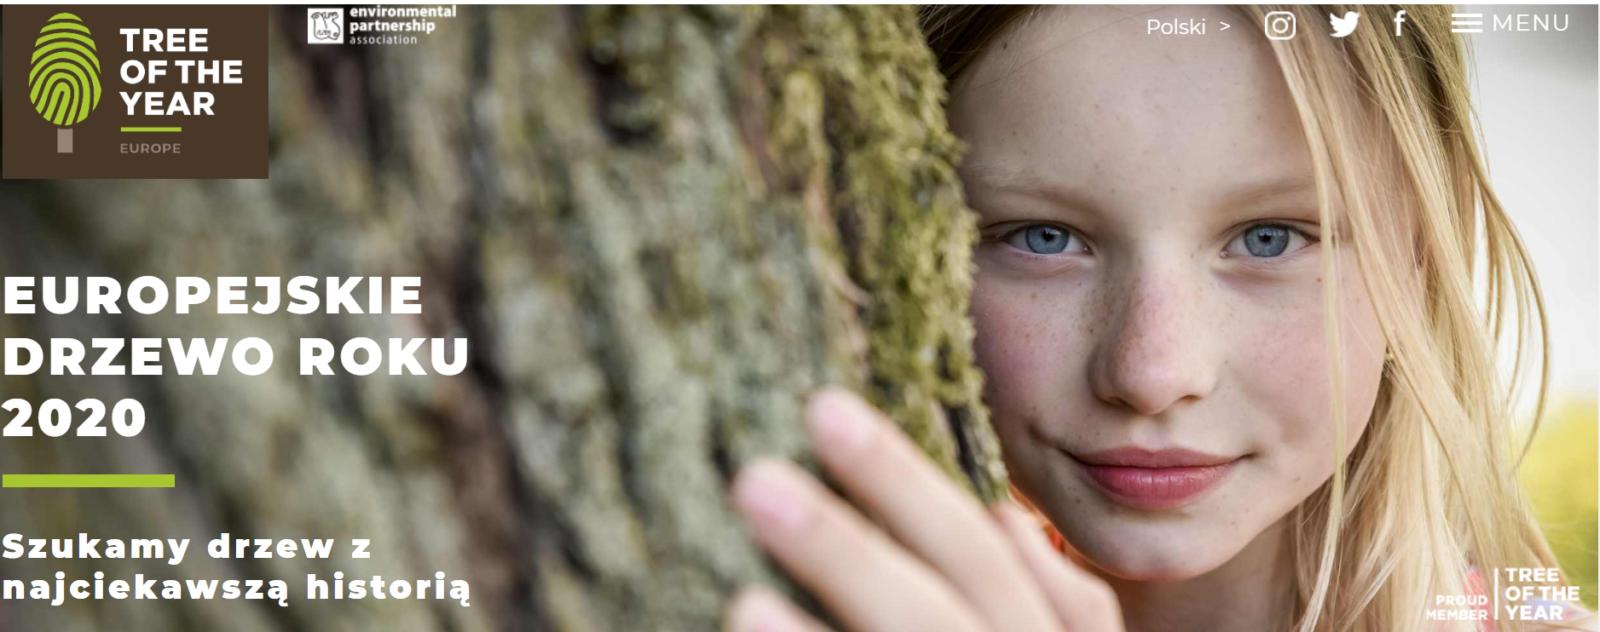 Konkurs na Europejskie Drzewo Roku 2020 trwa tylko do końca lutego!